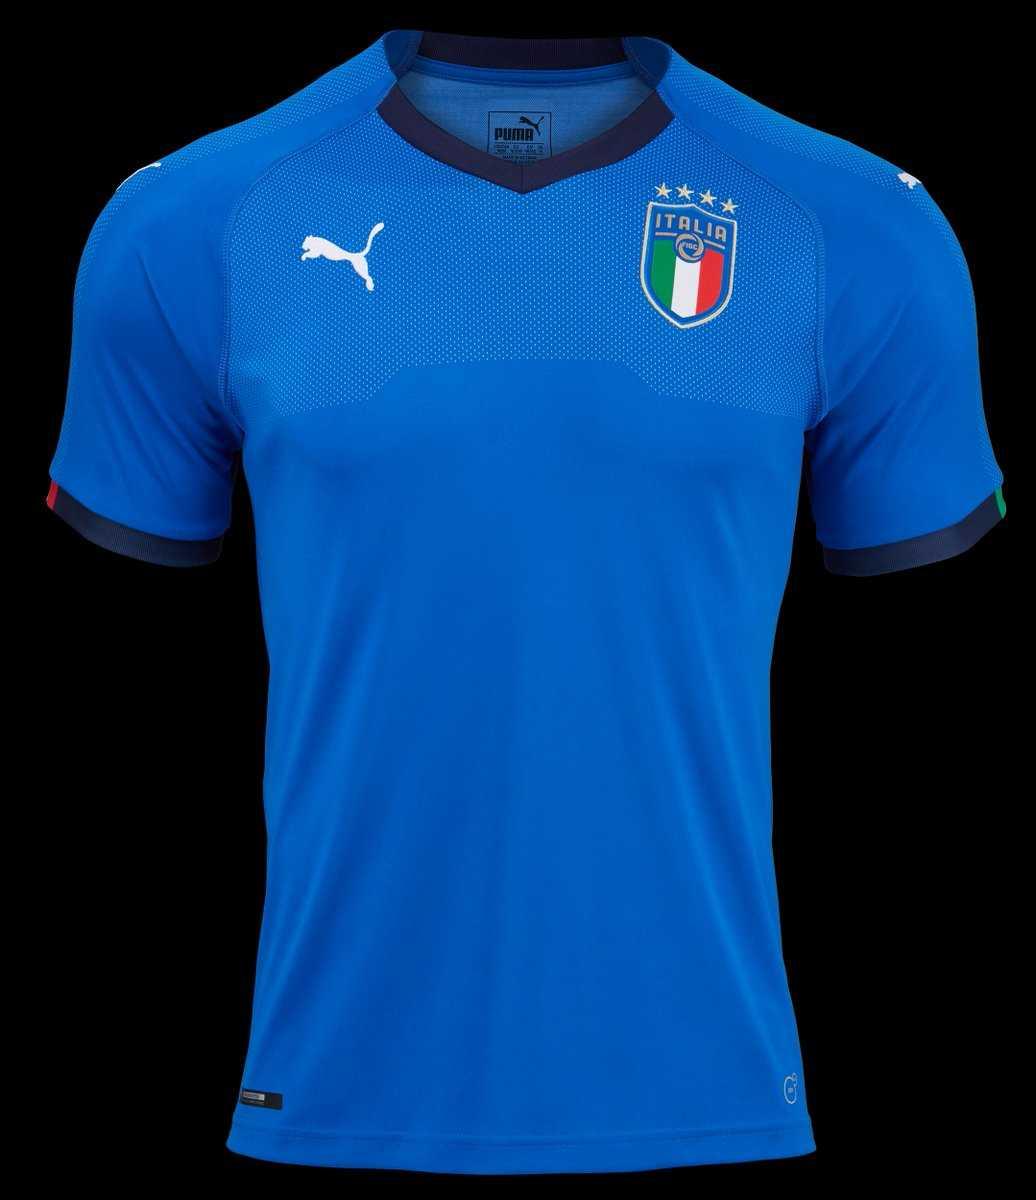 Camisa da seleção italiana 2018